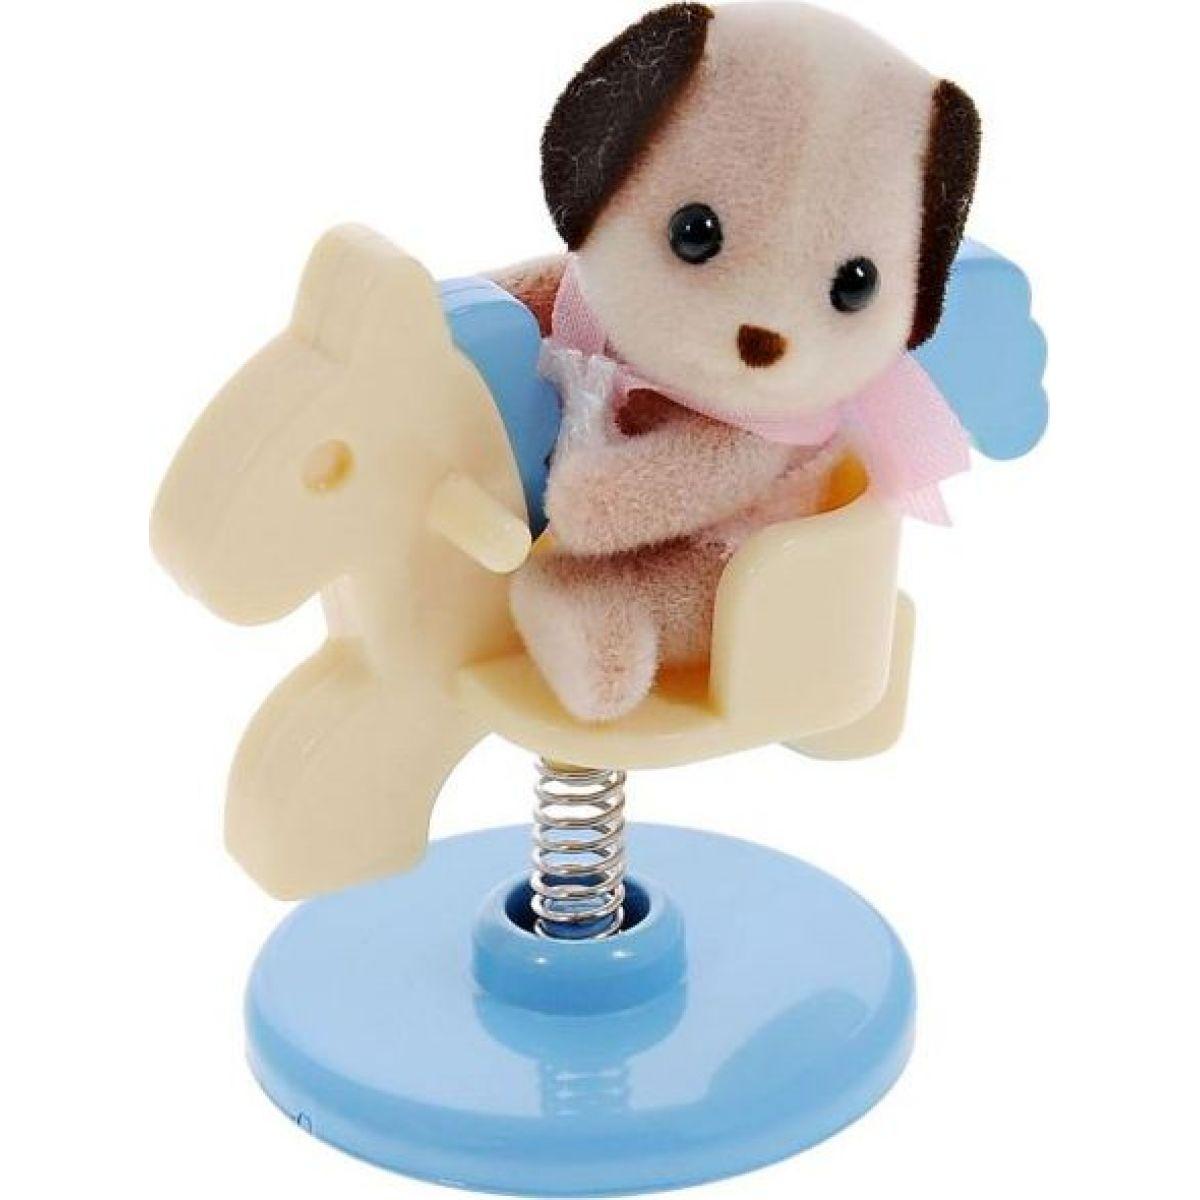 Sylvanian Families Baby příslušenství - štěně, méďa a králík si hrají doma - Štěně